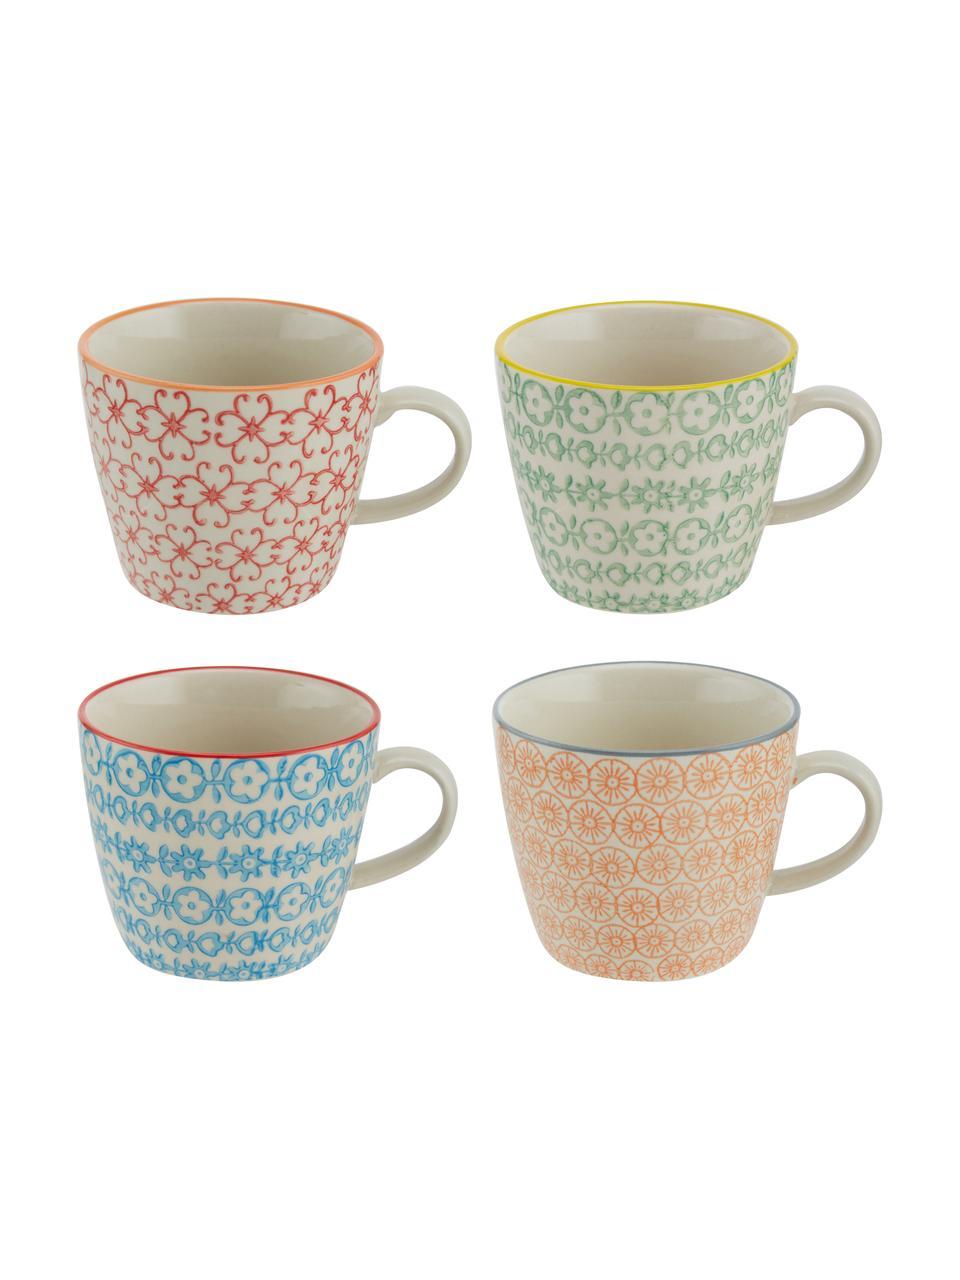 Tassen Carla mit kleinem Muster, 4er-Set, Steingut, Weiß, Schwarz, Gelb, Rot, Orange, Ø 10 x H 8 cm